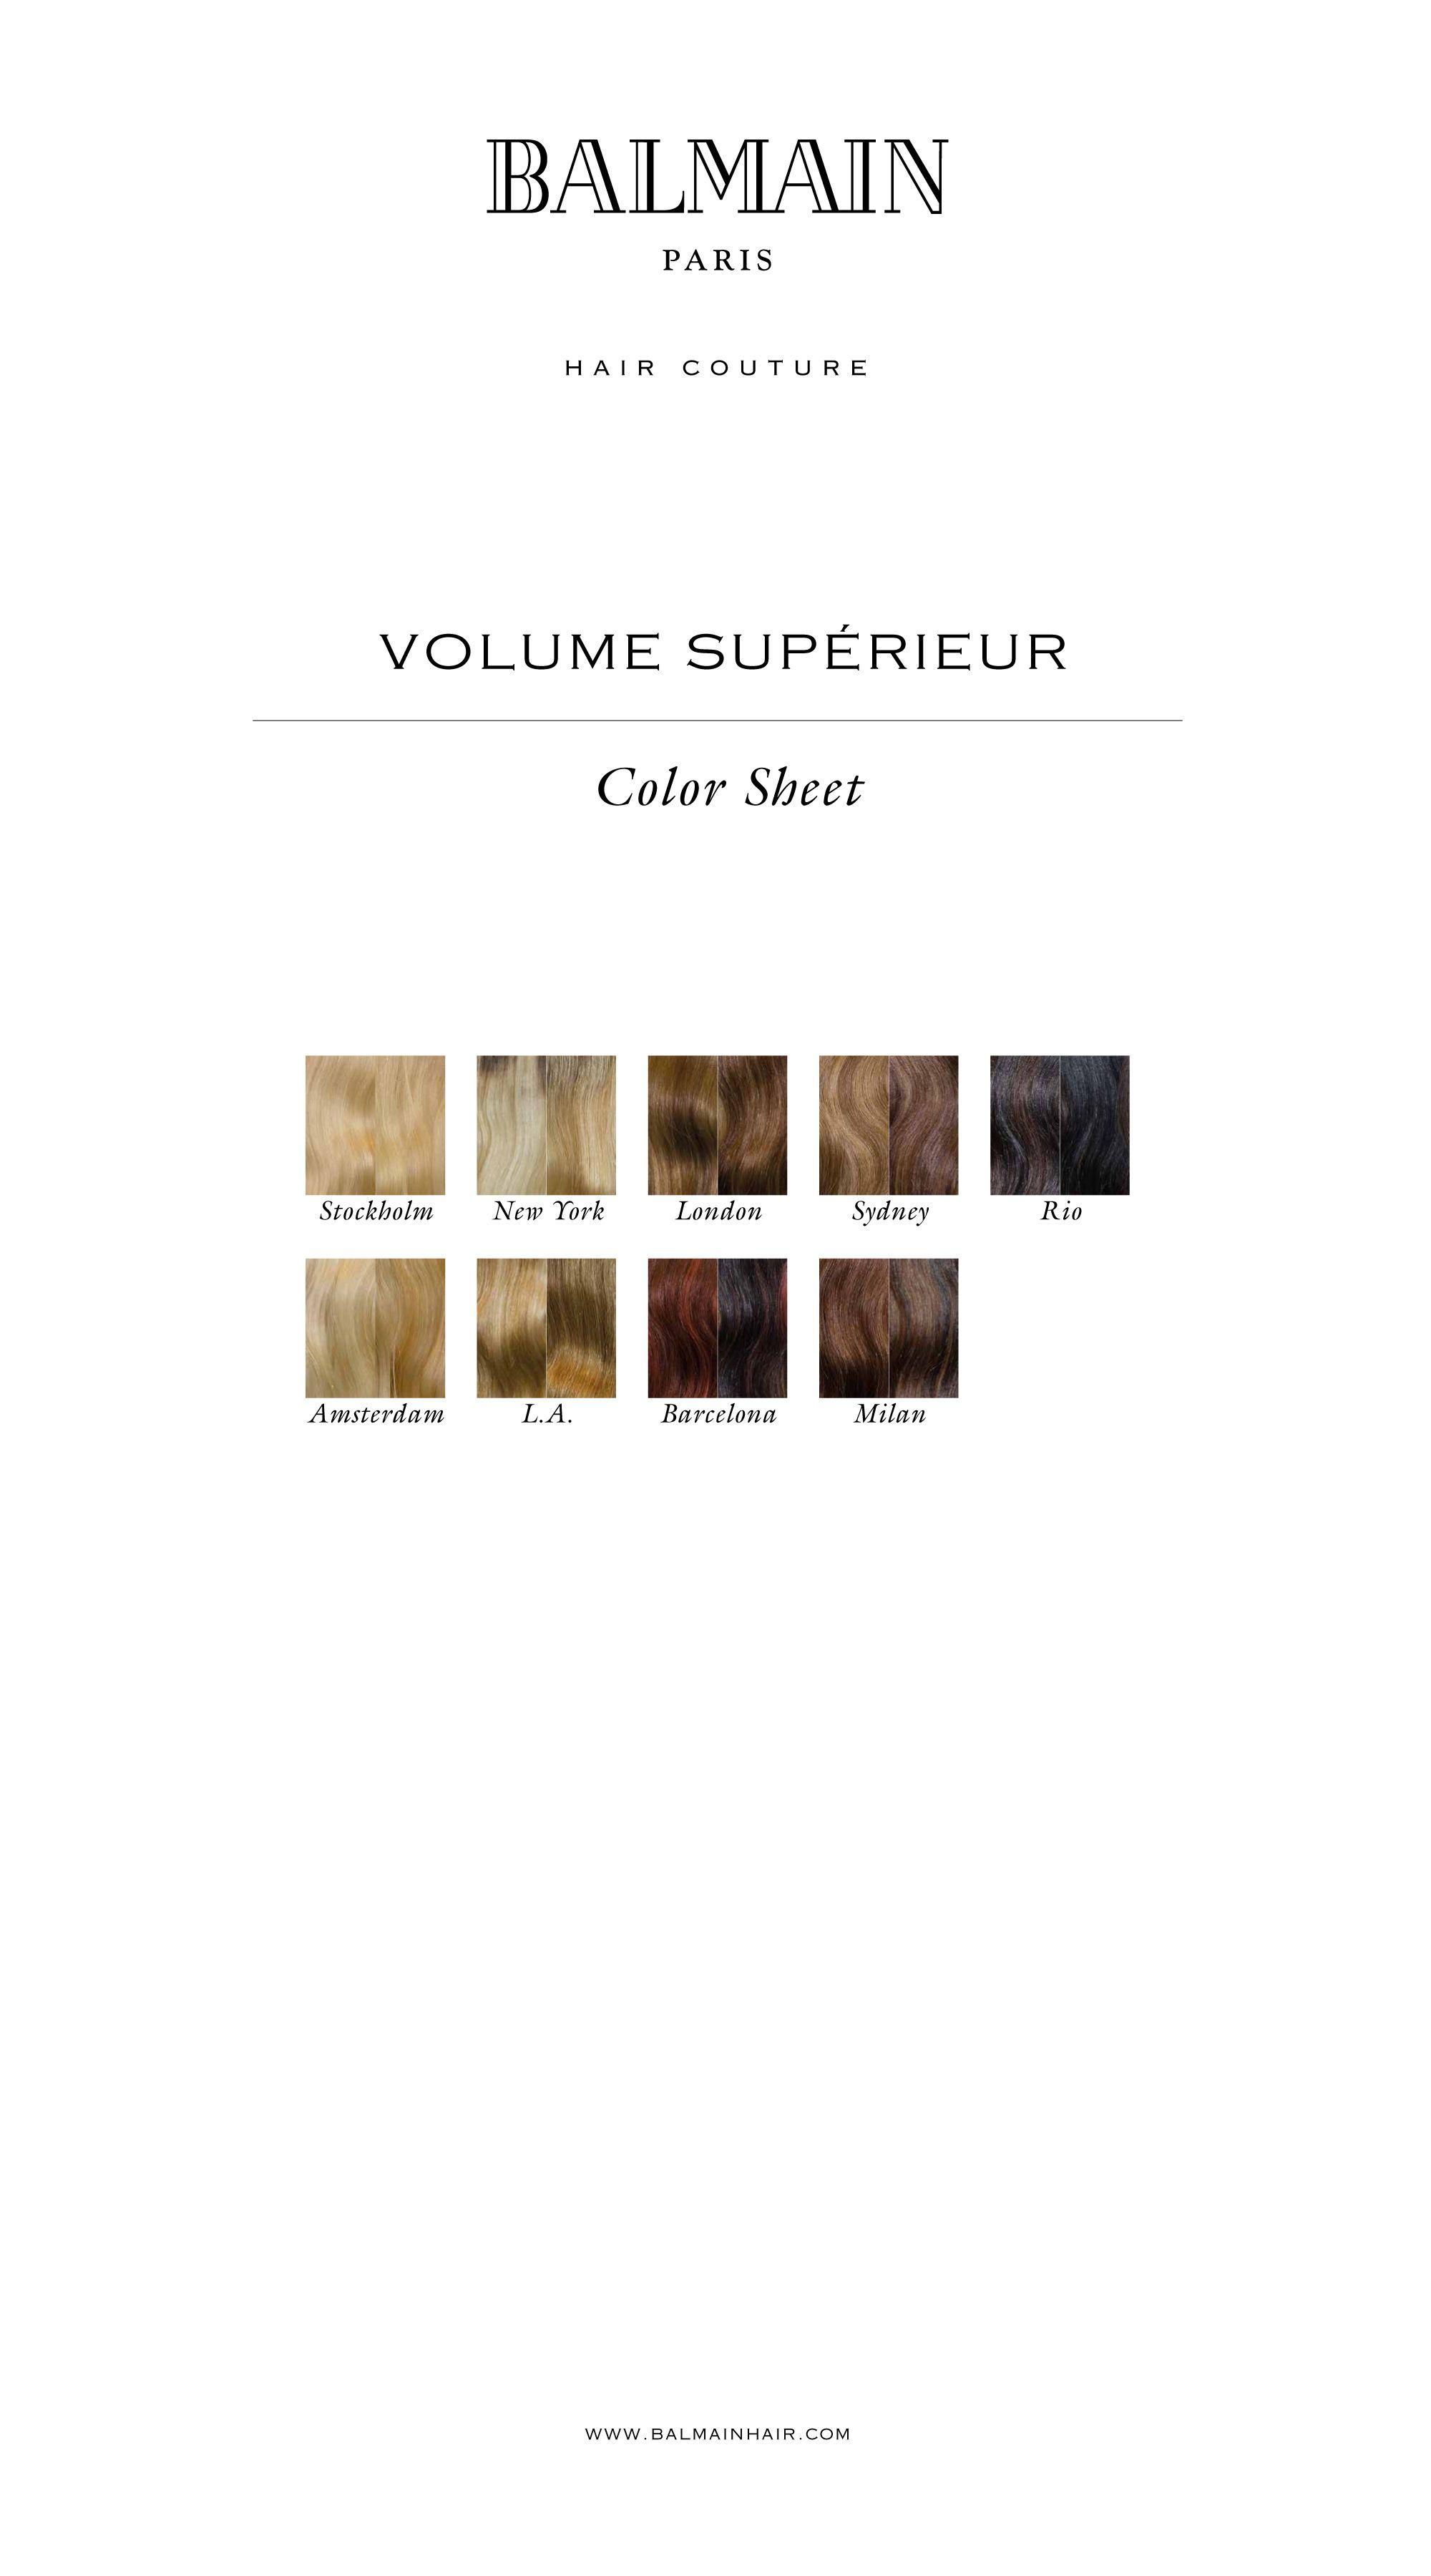 Balmain Color Overview Elegance Volume Superieur